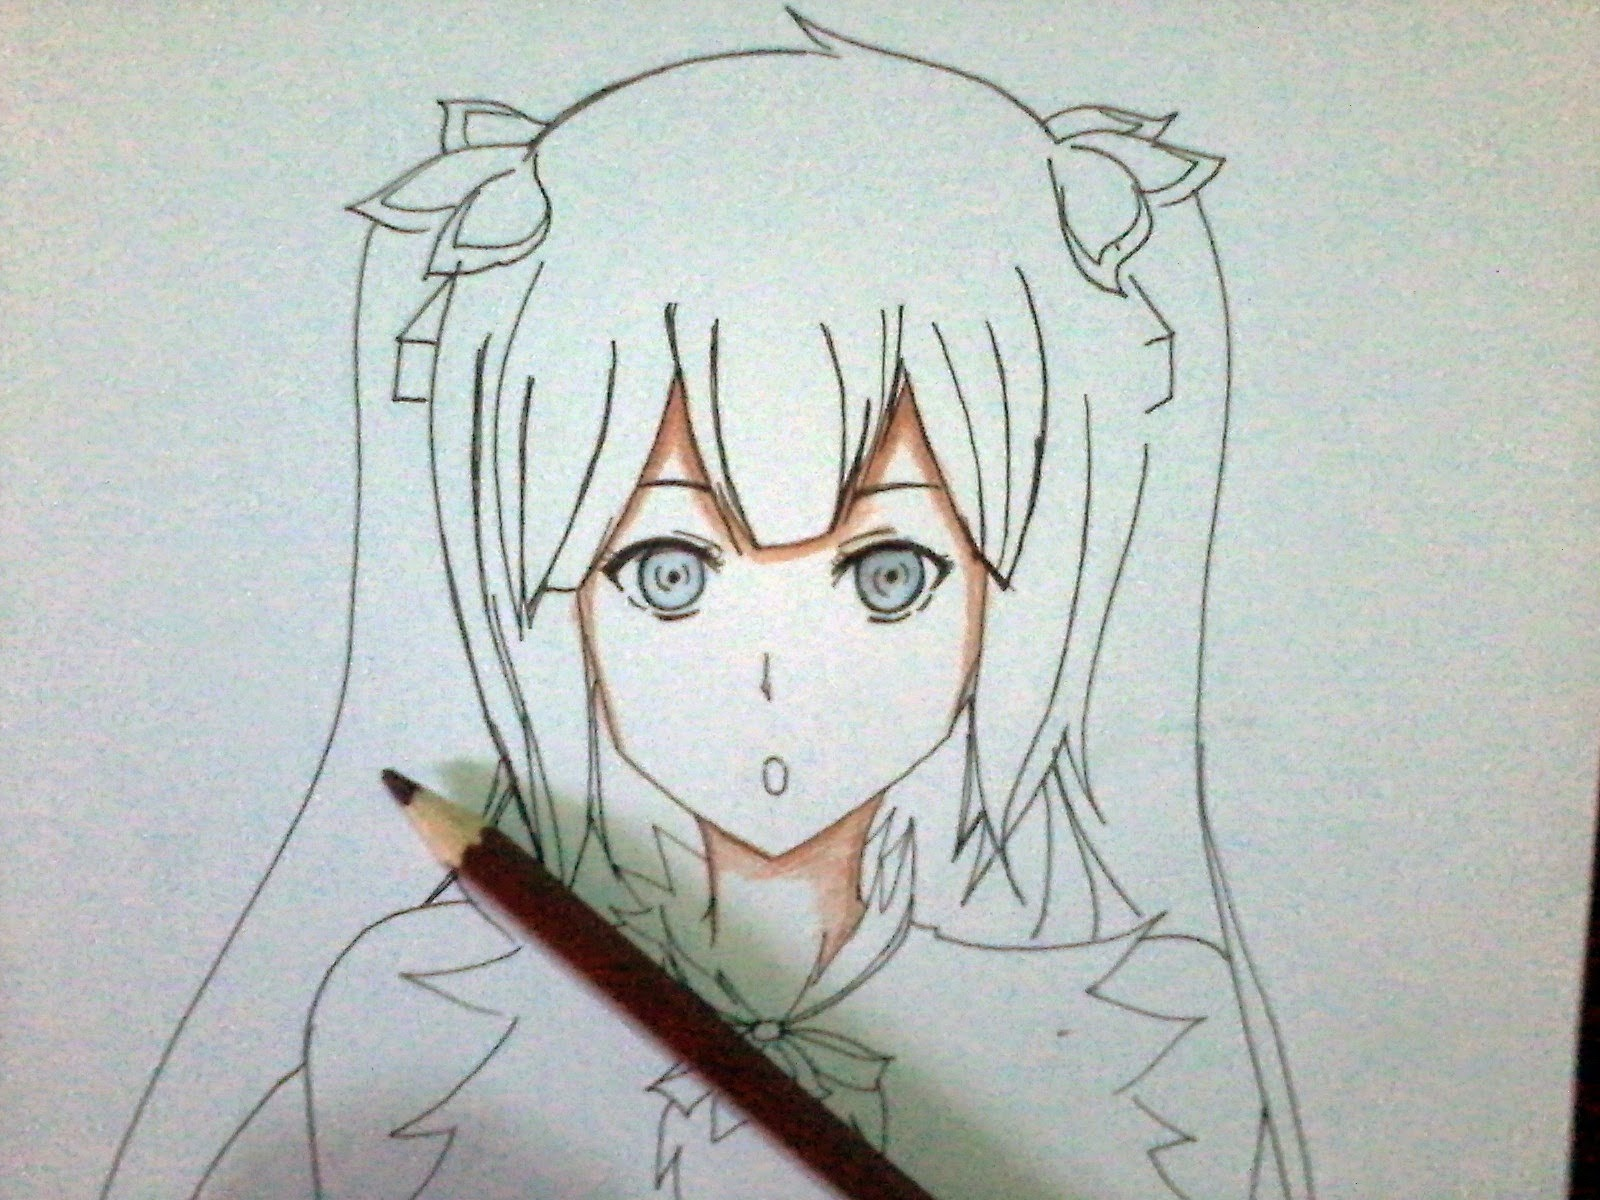 Cara Gambar Ilustrasi Anime   Hilustrasi